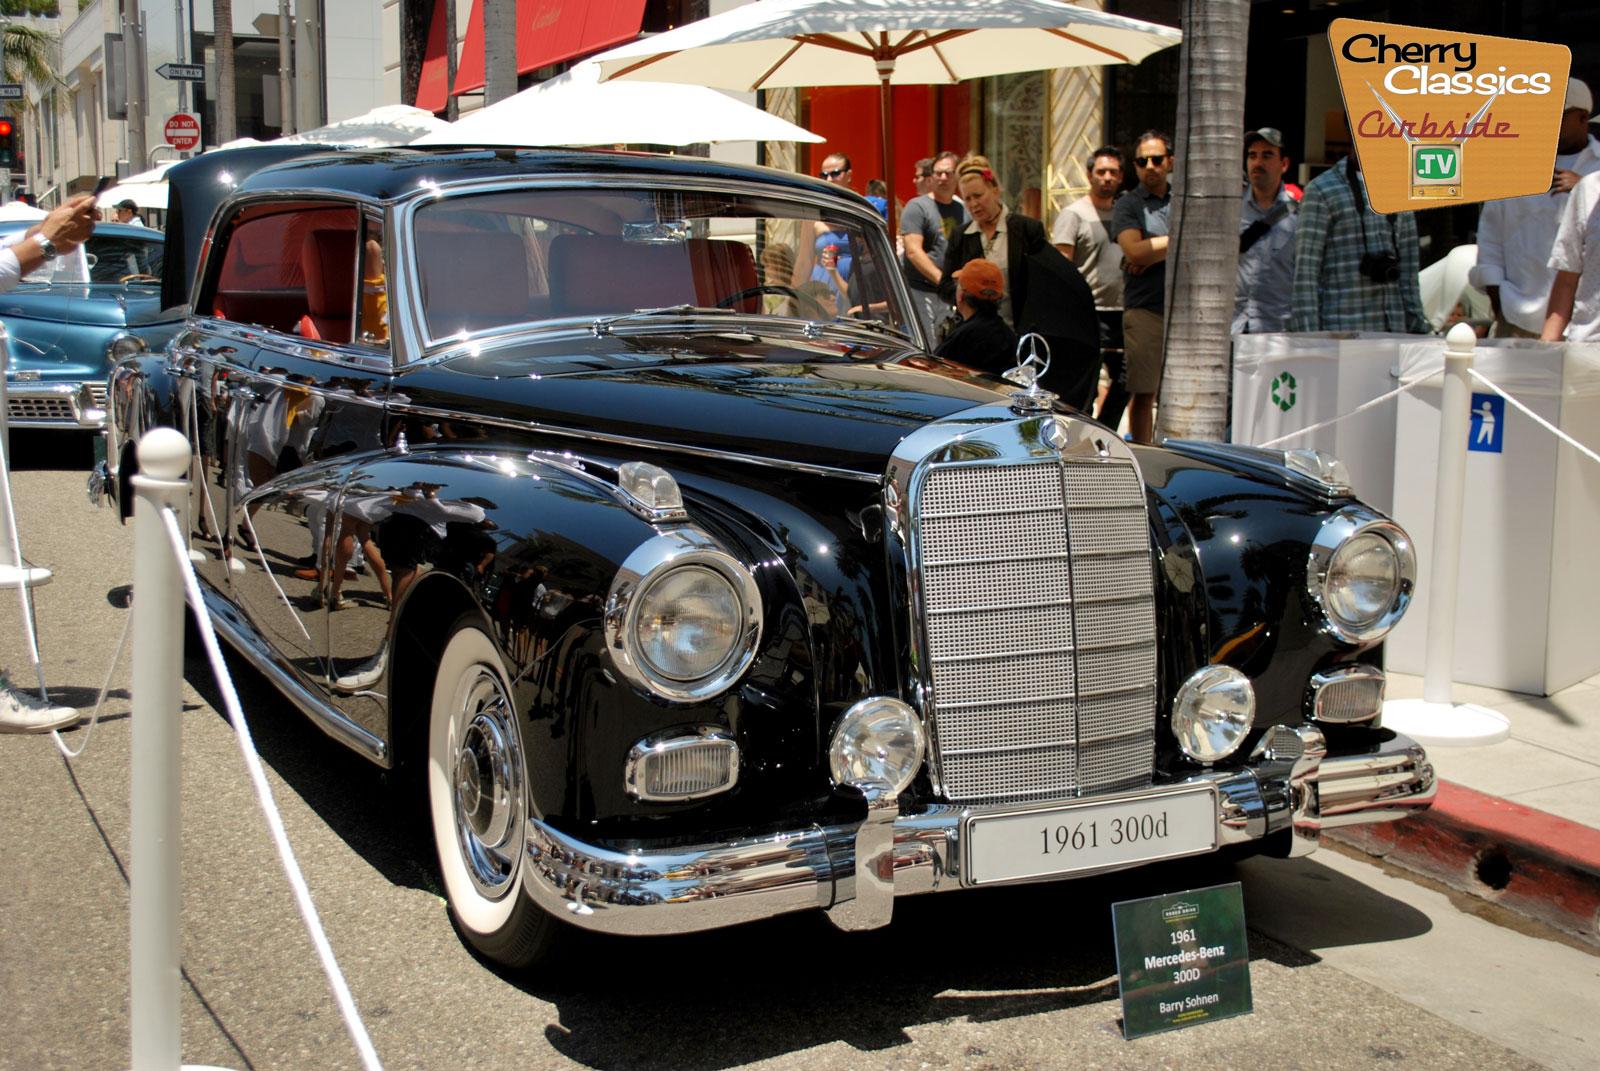 1961-Mercedes-Benz-300d.jpg